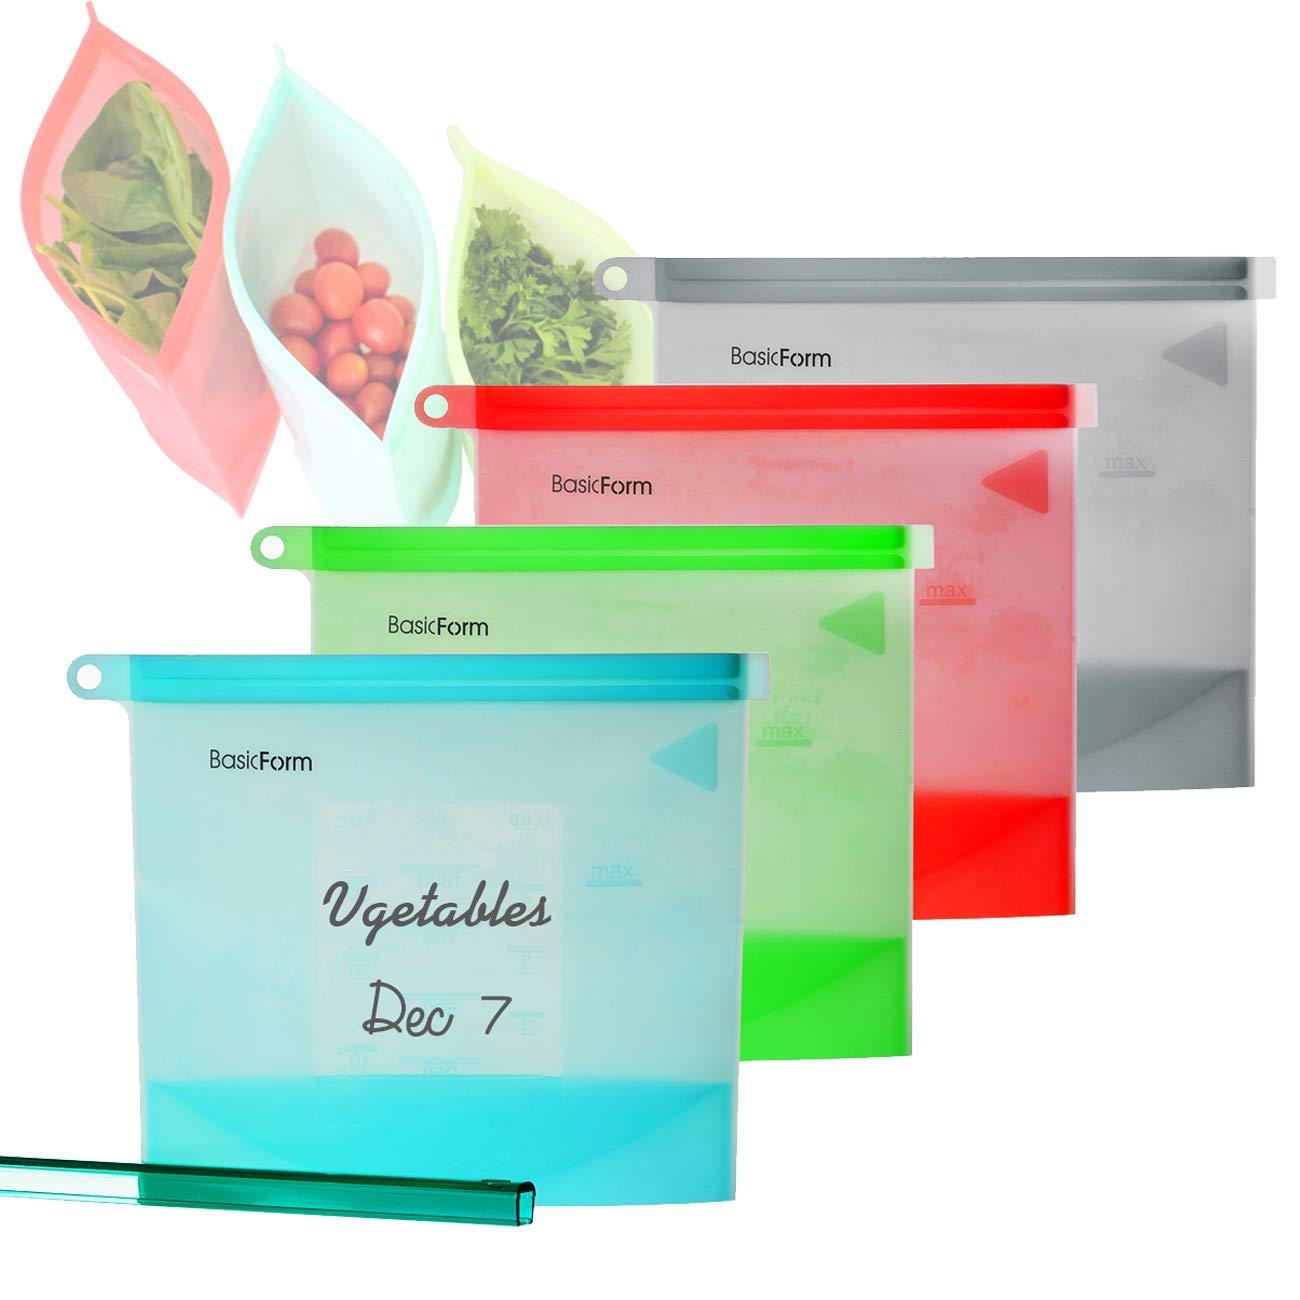 BasicForm Bolsa reutilizable de preservaci/ón de alimentos de silicona Sello herm/ético a prueba de fugas paquete de 4